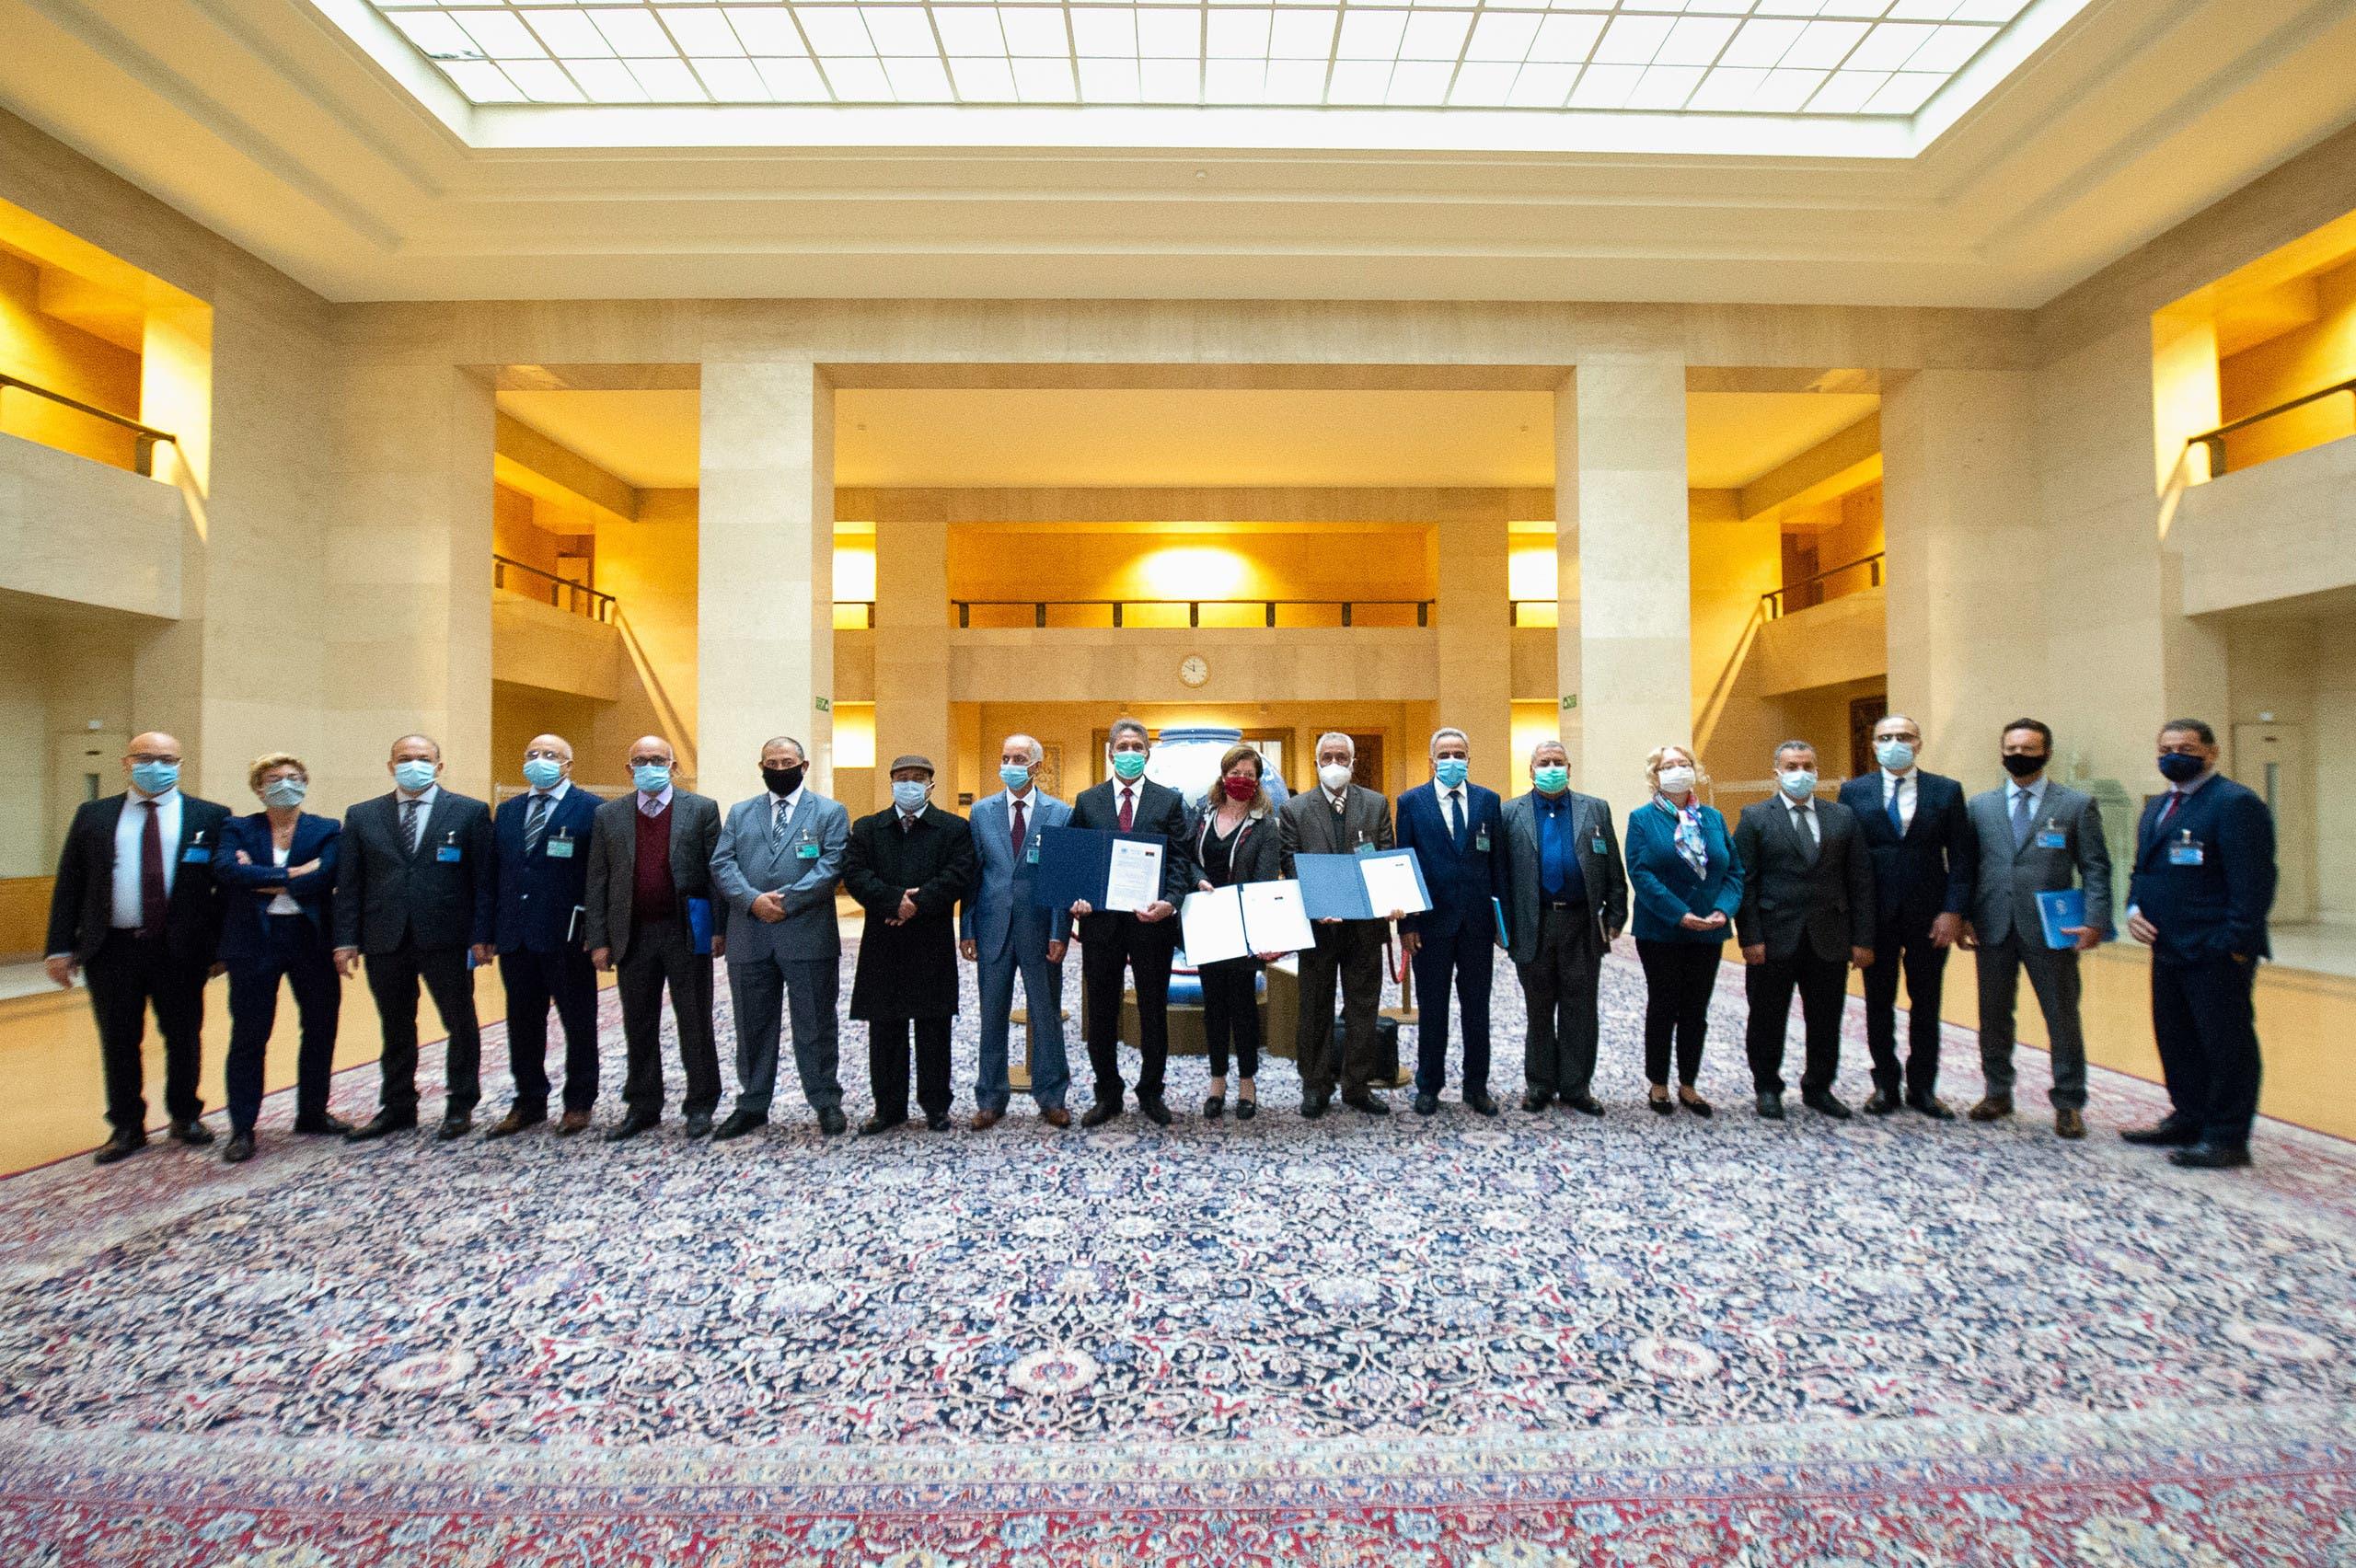 بعد توقيع الاتفاق في جنيف